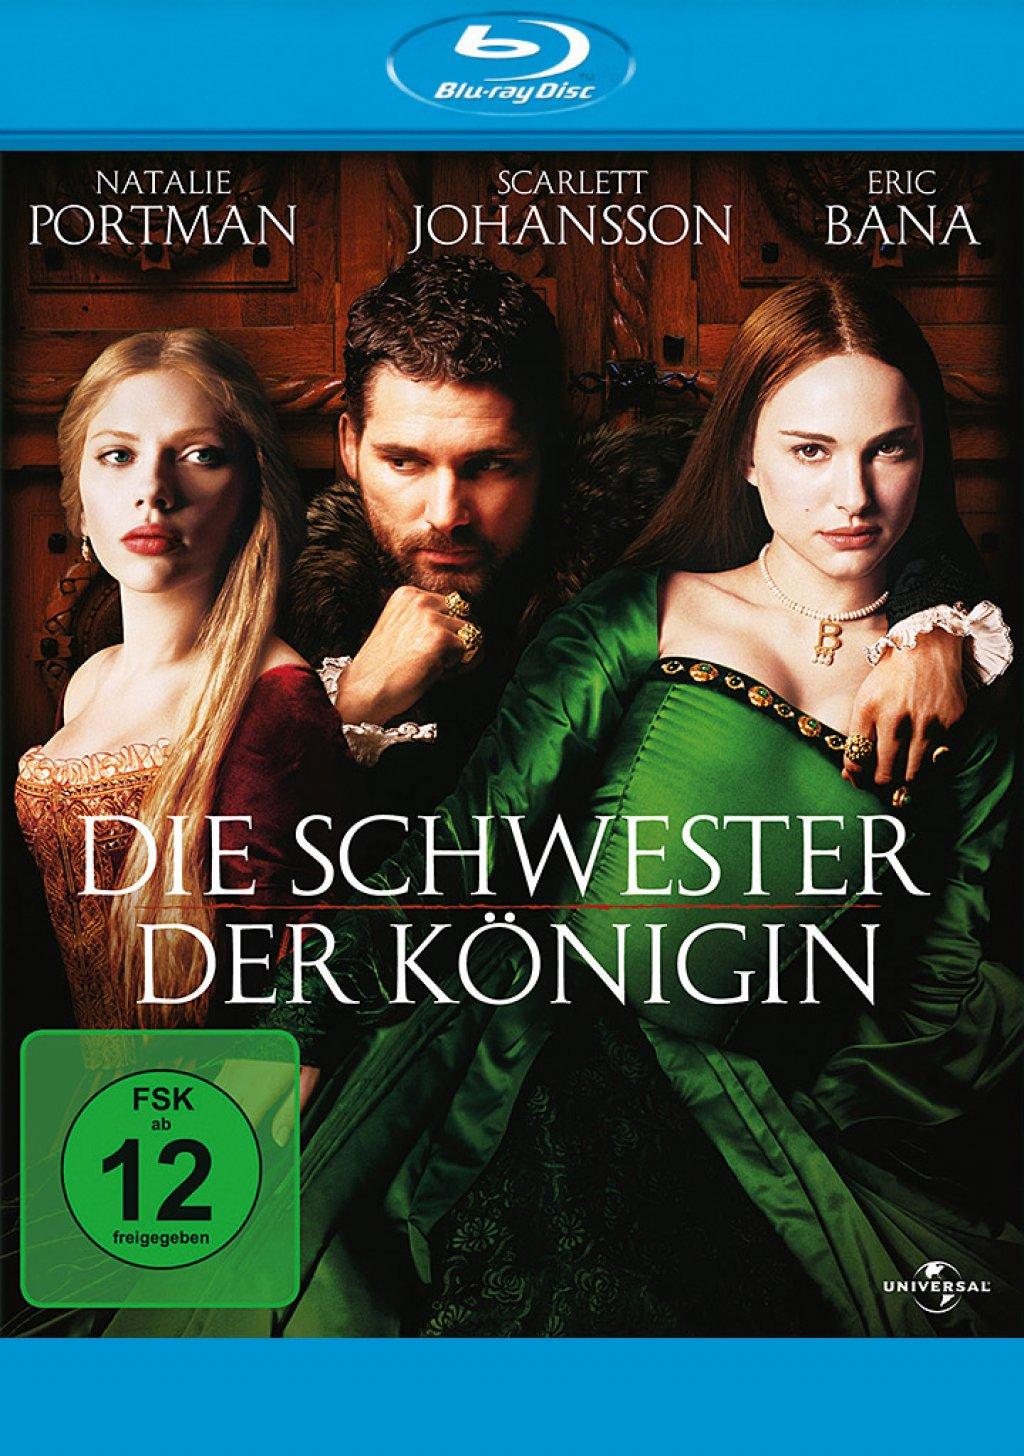 Die Schwester der Königin (Blu-ray)